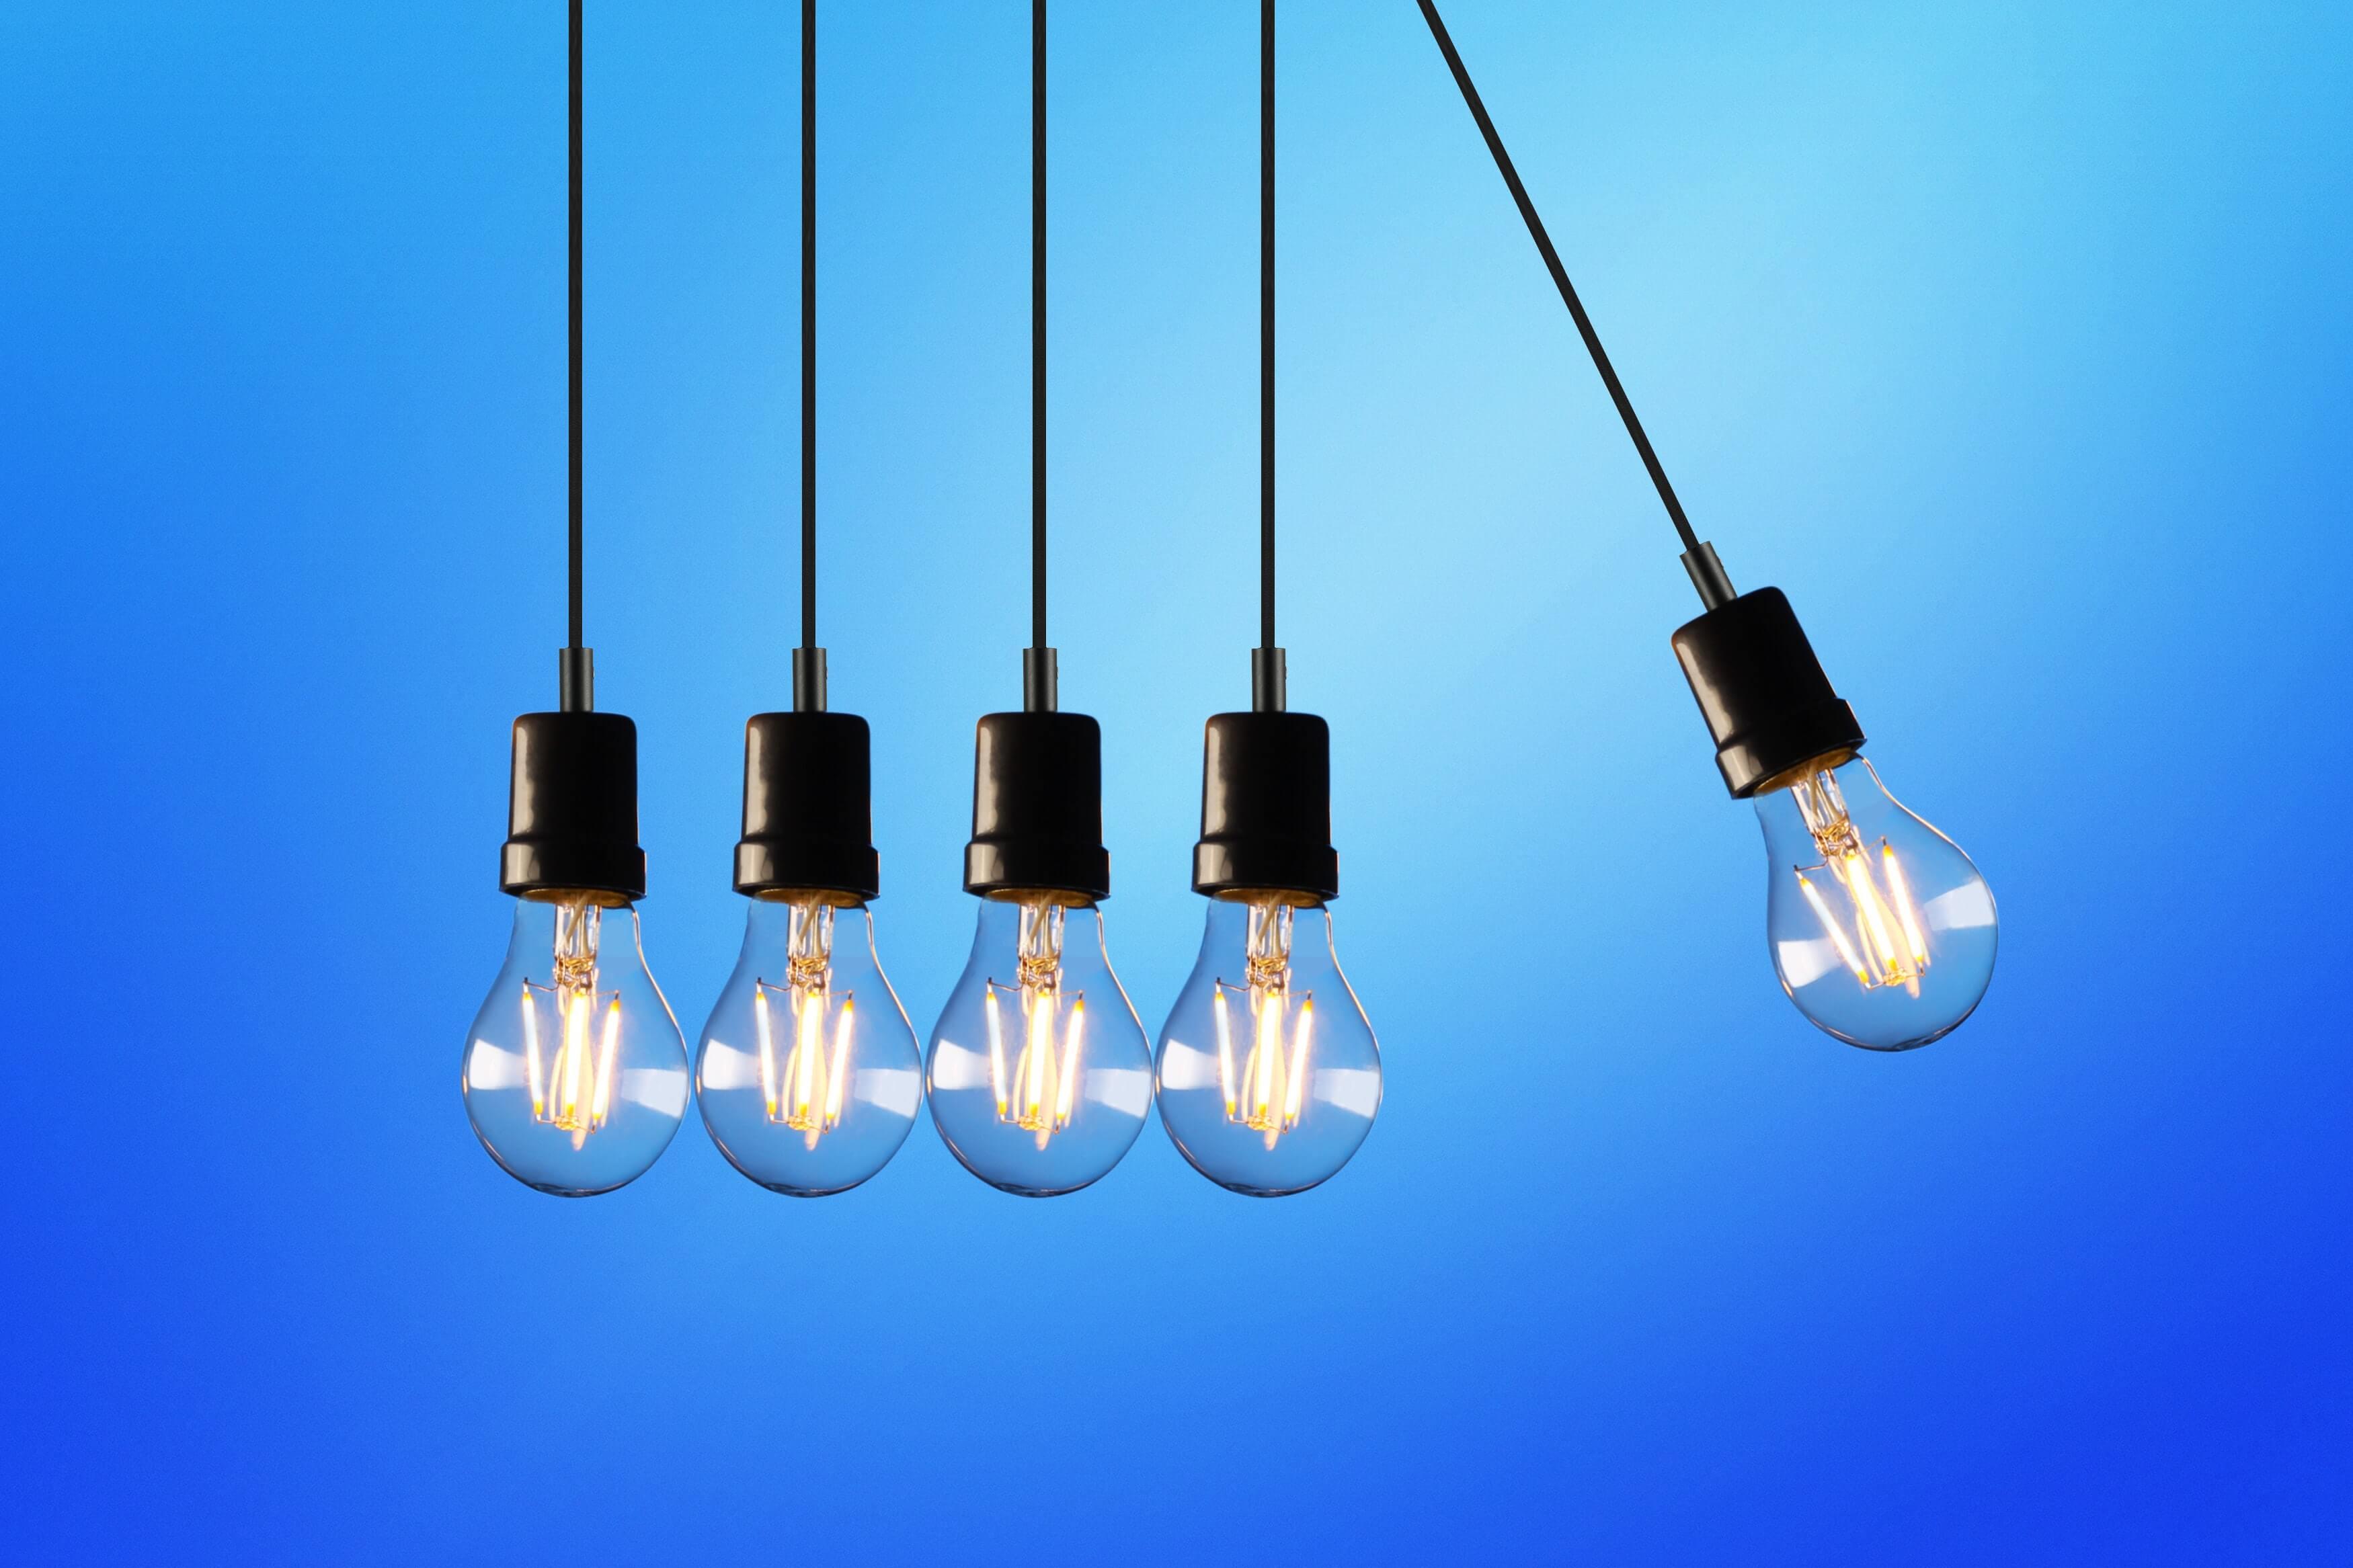 תאורה לחדר עבודה – גופי תאורה, עוצמת תאורה ועוד